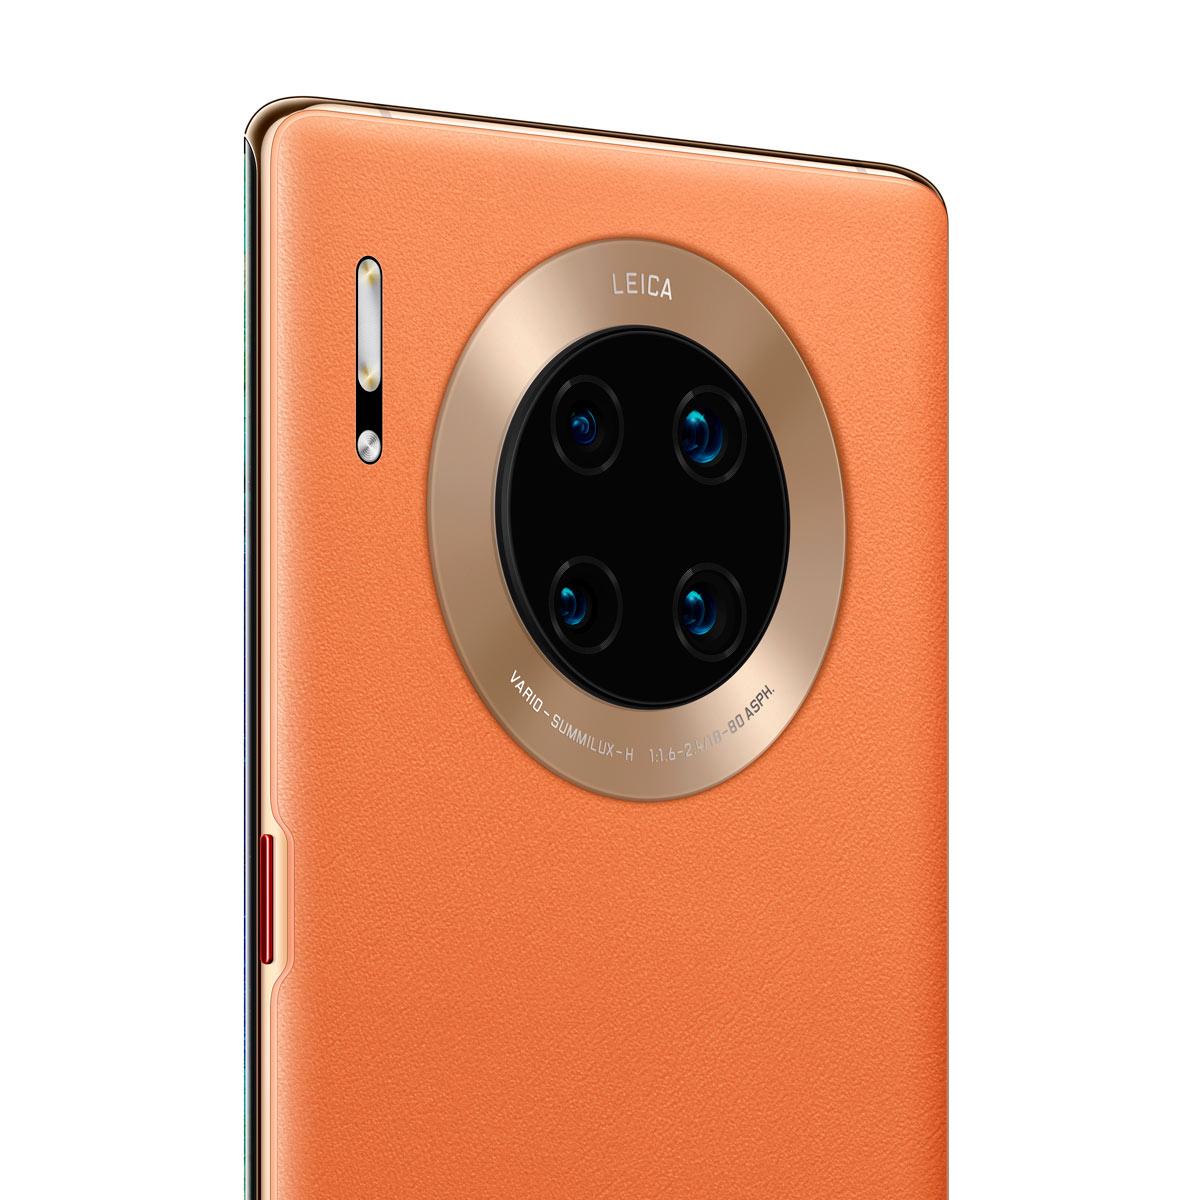 ファーウェイが5G対応SIMフリースマホ「Mate 30 Pro 5G」を日本発売へ